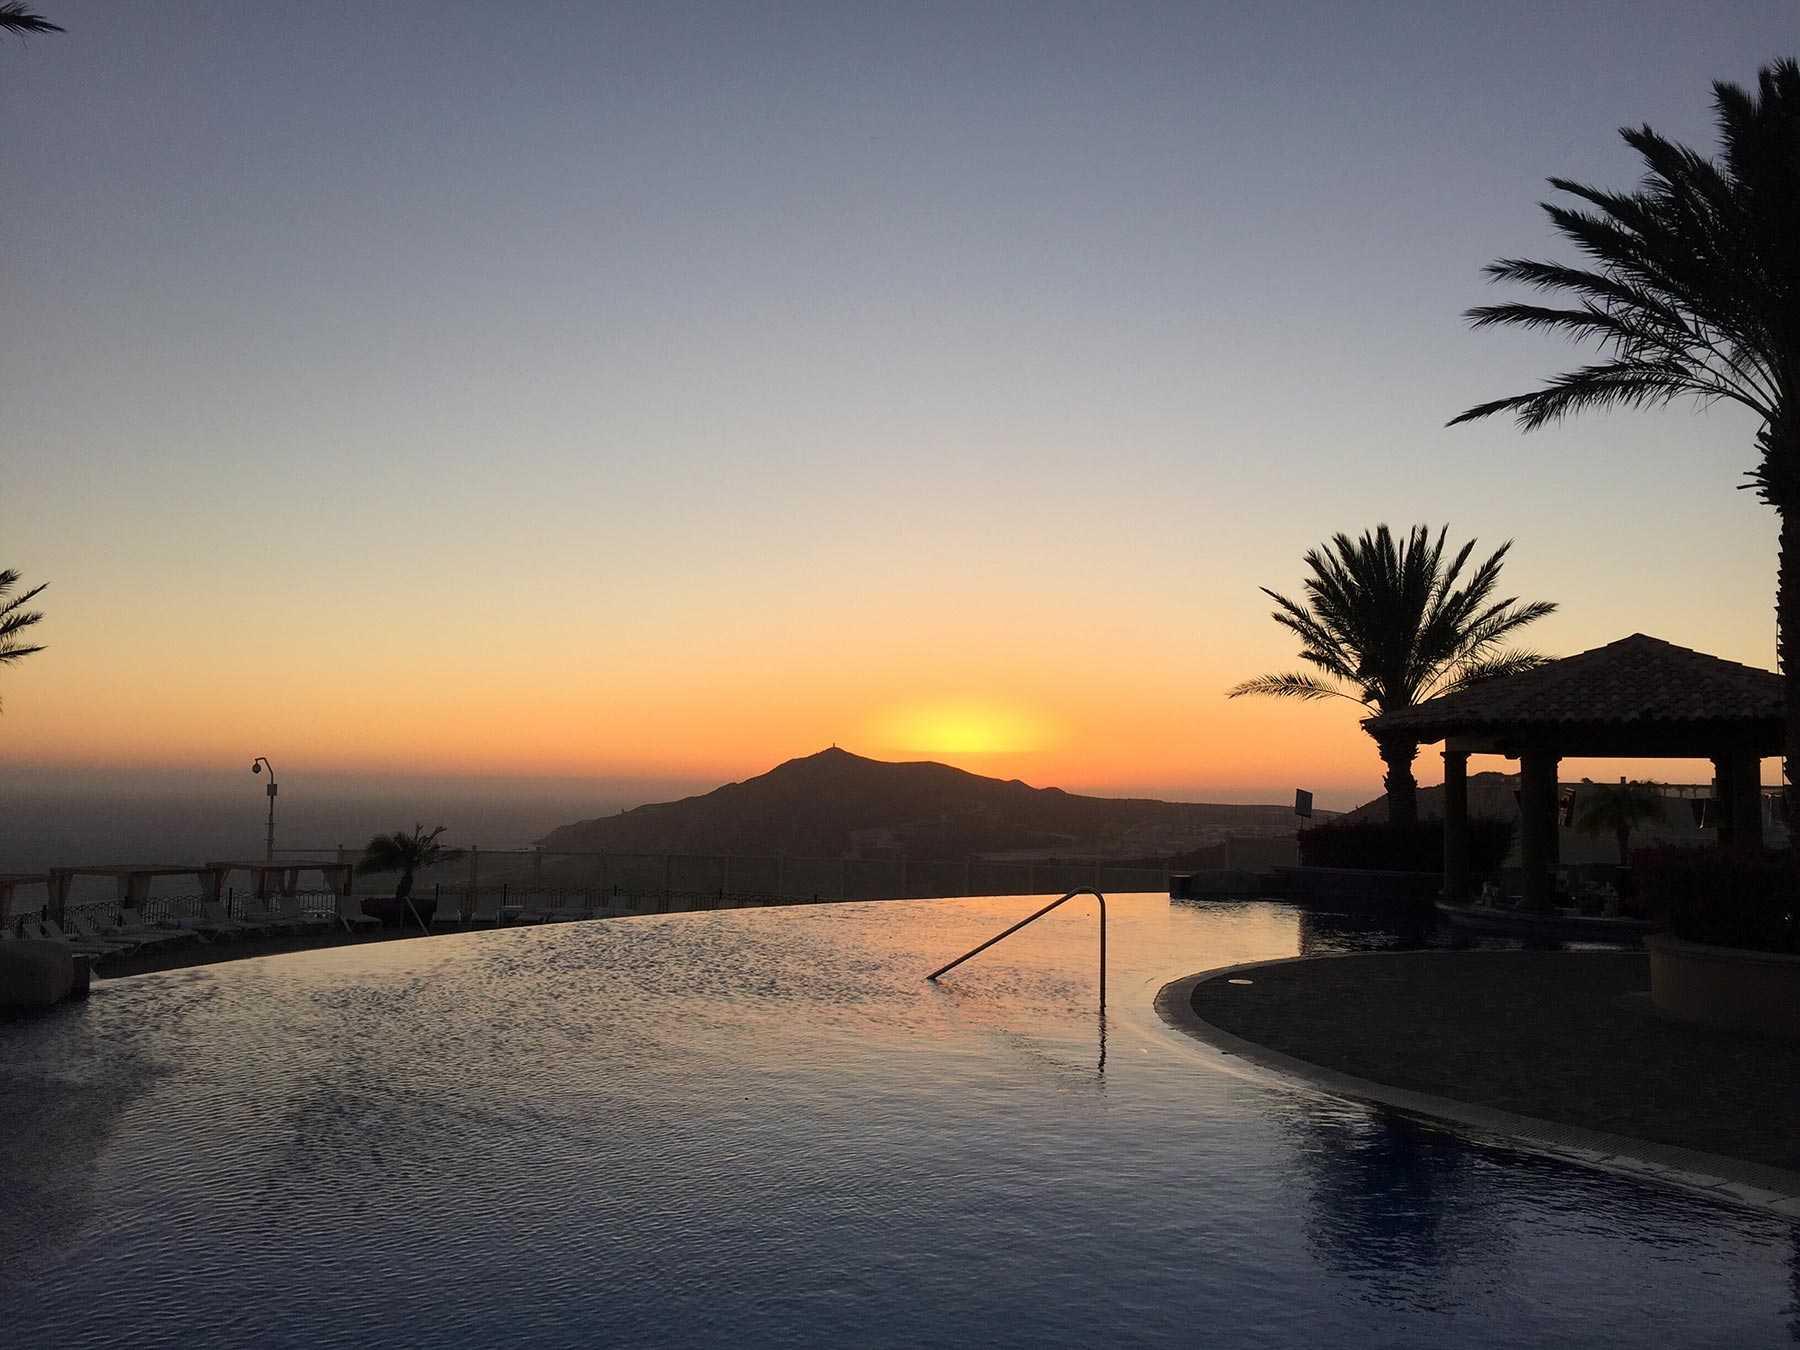 resort-pool-sunset-RAJV5MM.jpg